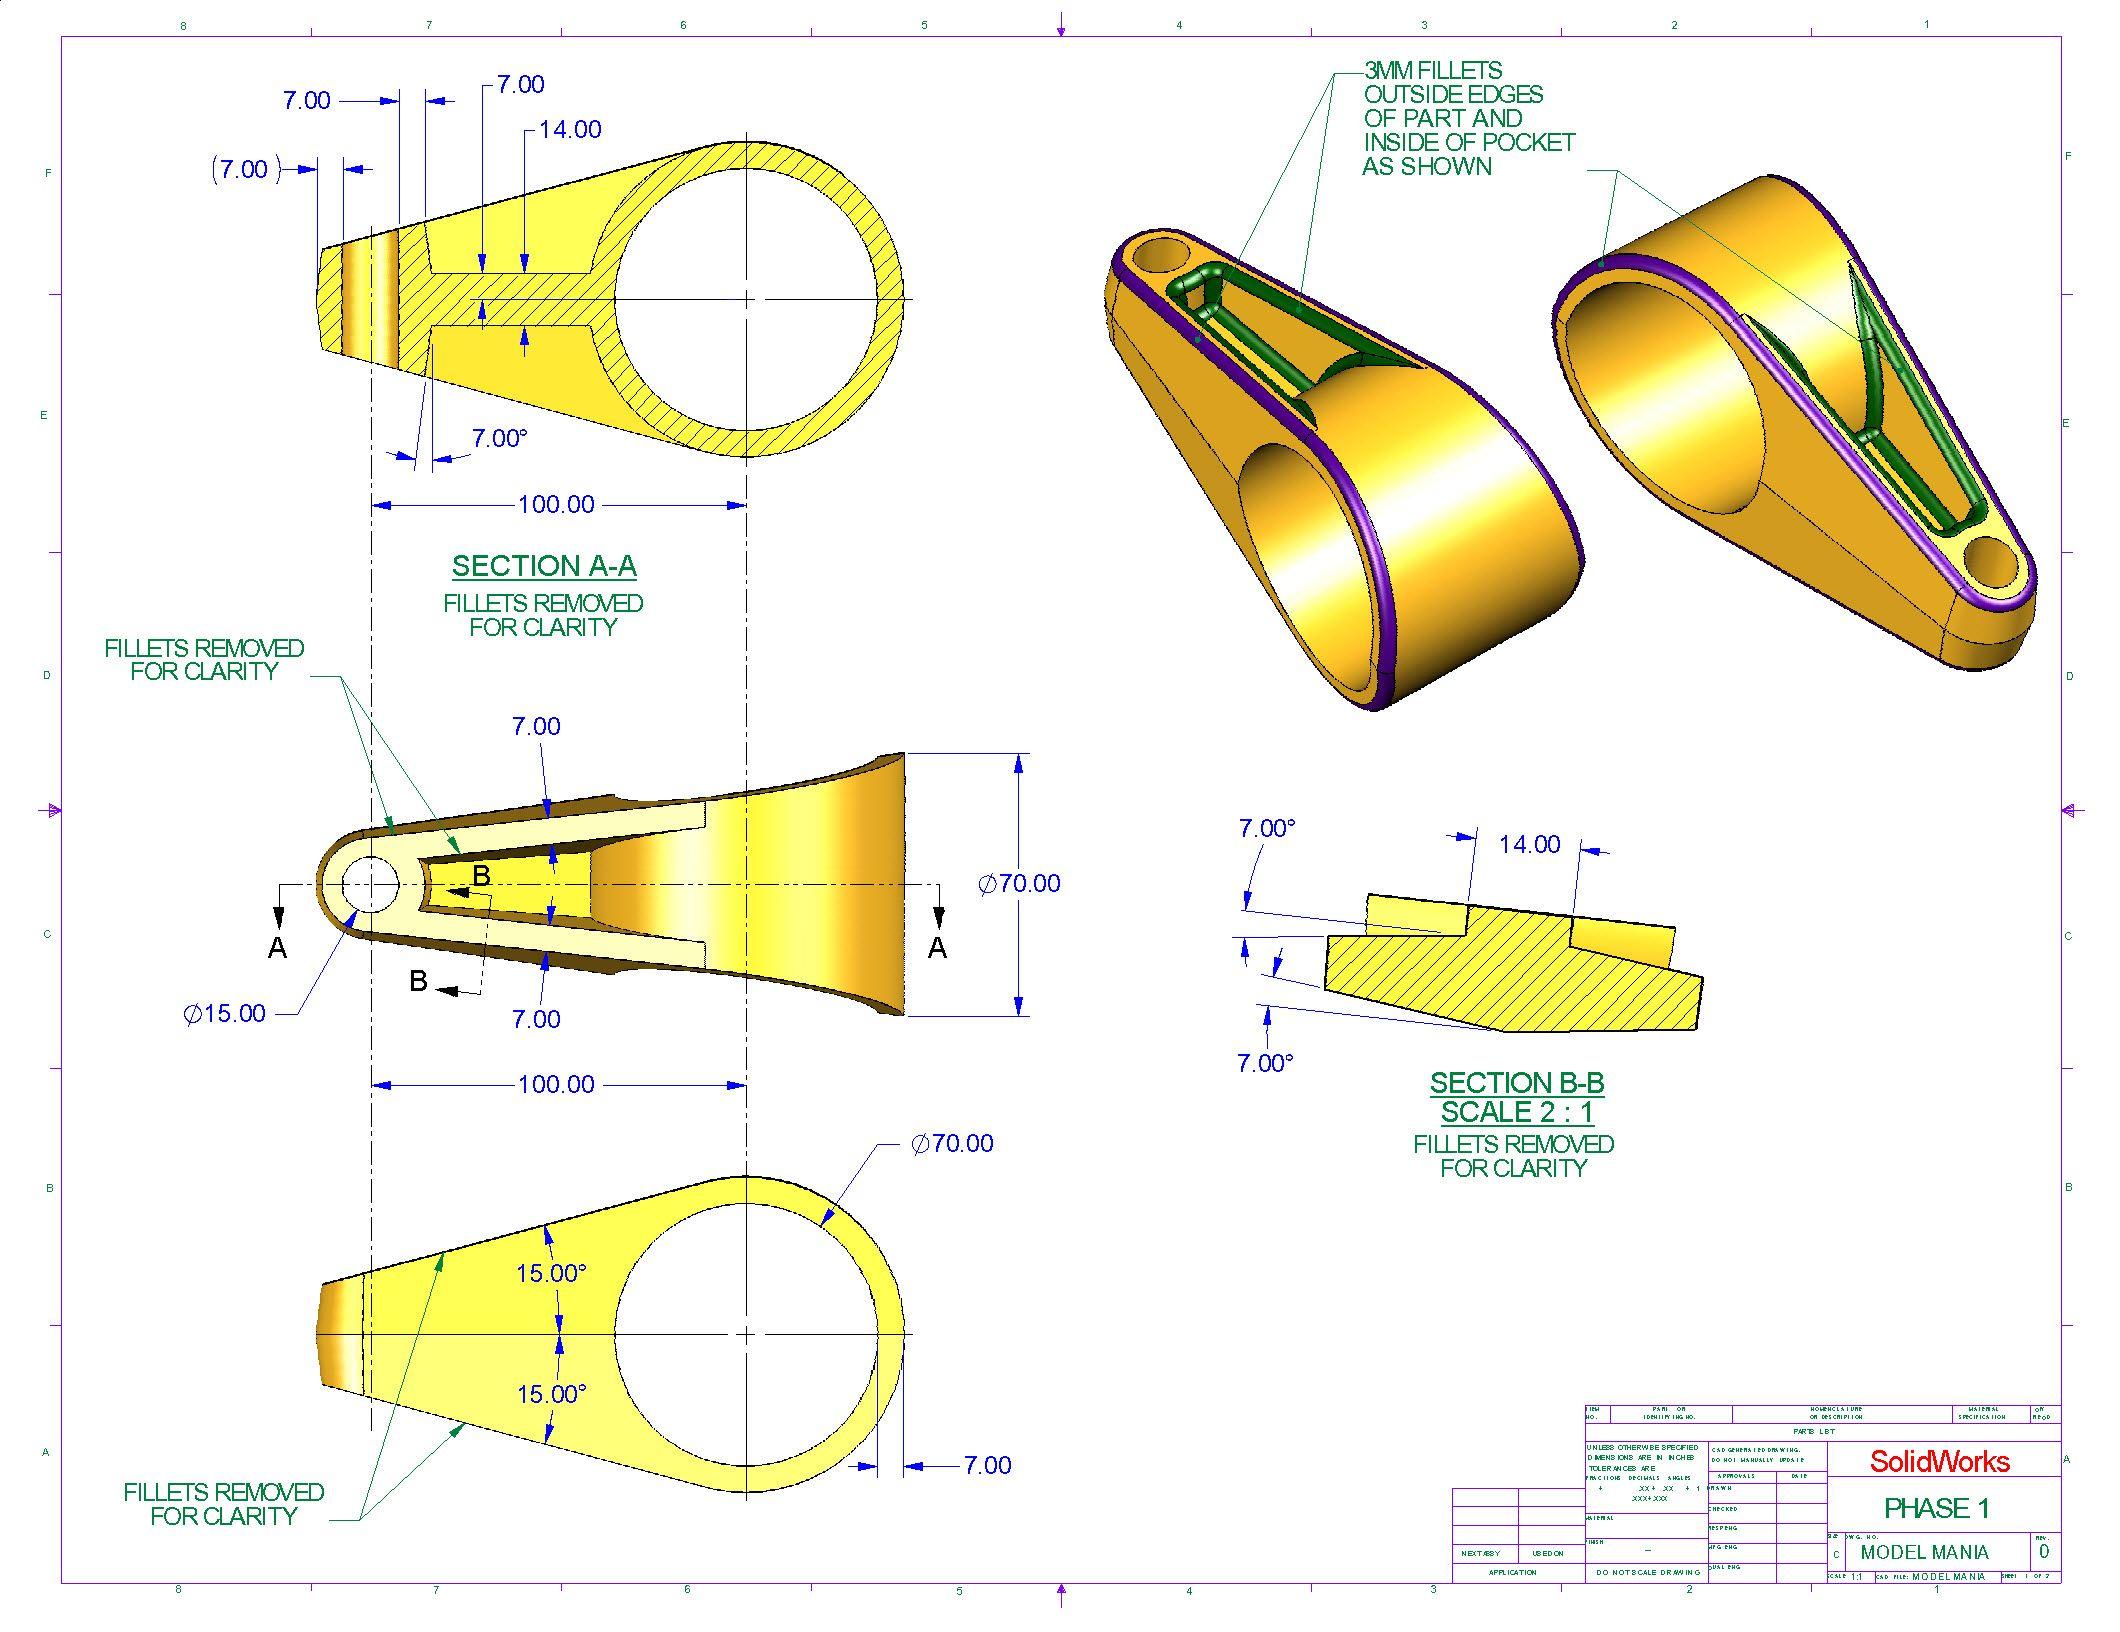 solidworks world model mania 2002 cad pinterest models